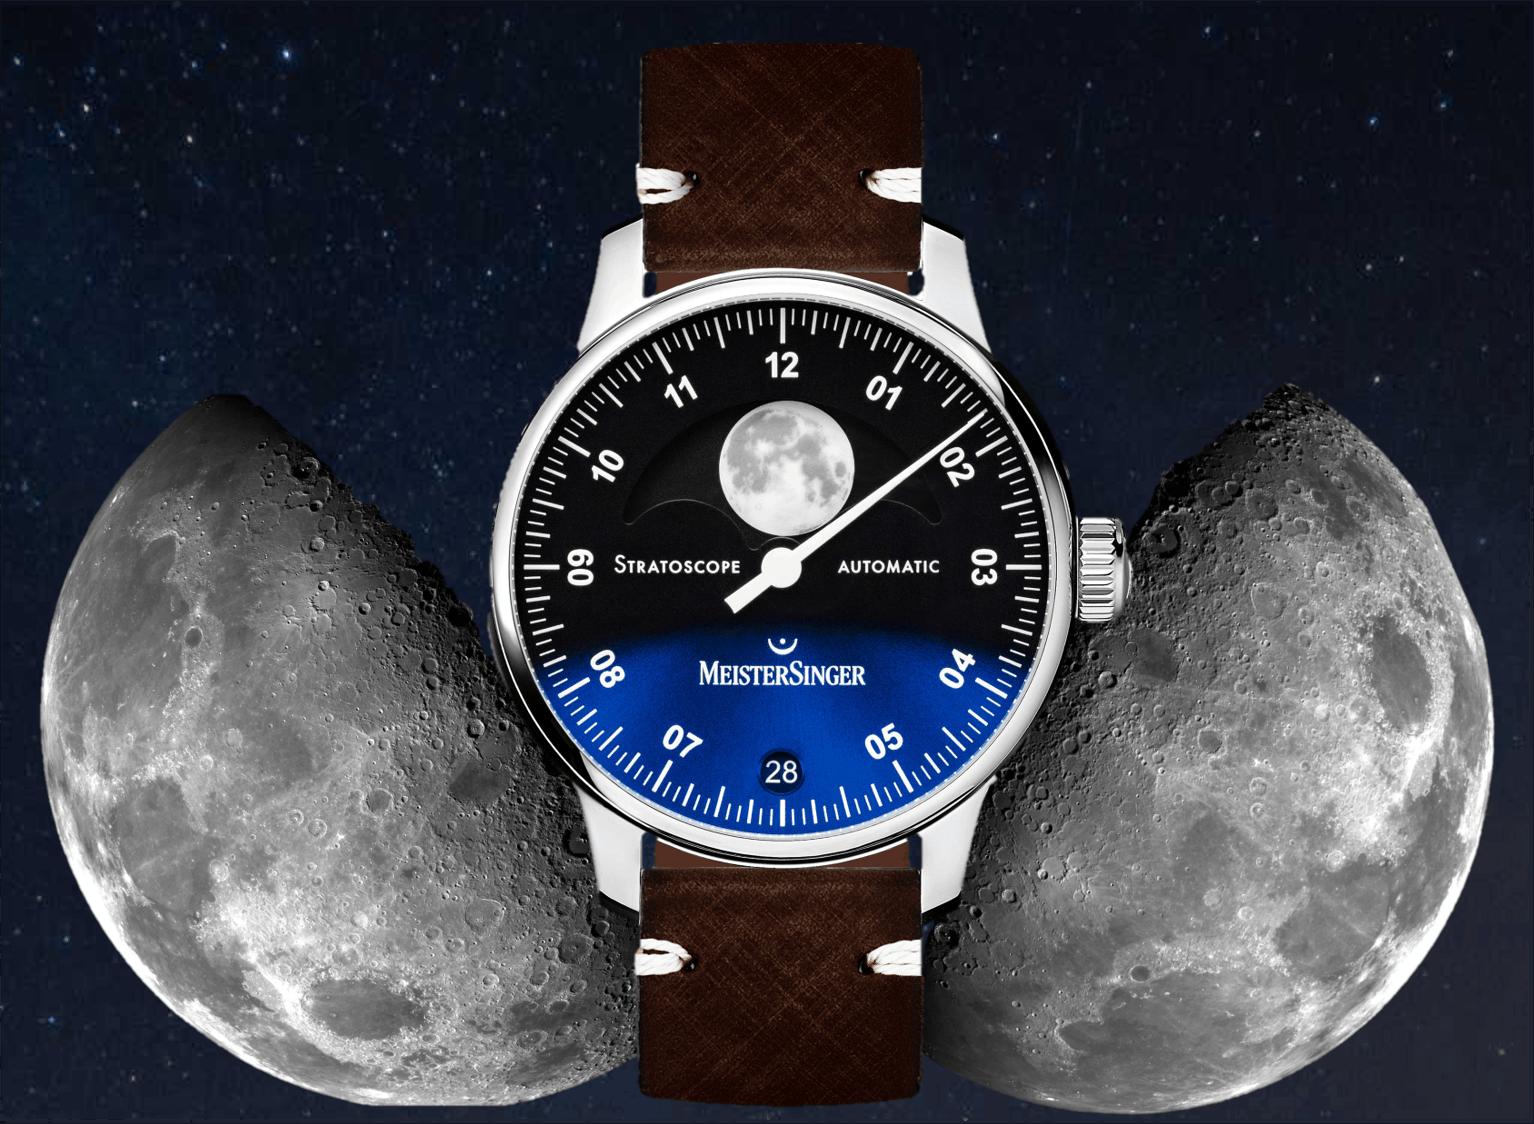 MondphasenuhrMeisterSinger Stratoscope Einzeigeruhr: Eine Mondphasenuhr zum 20. Geburtstag